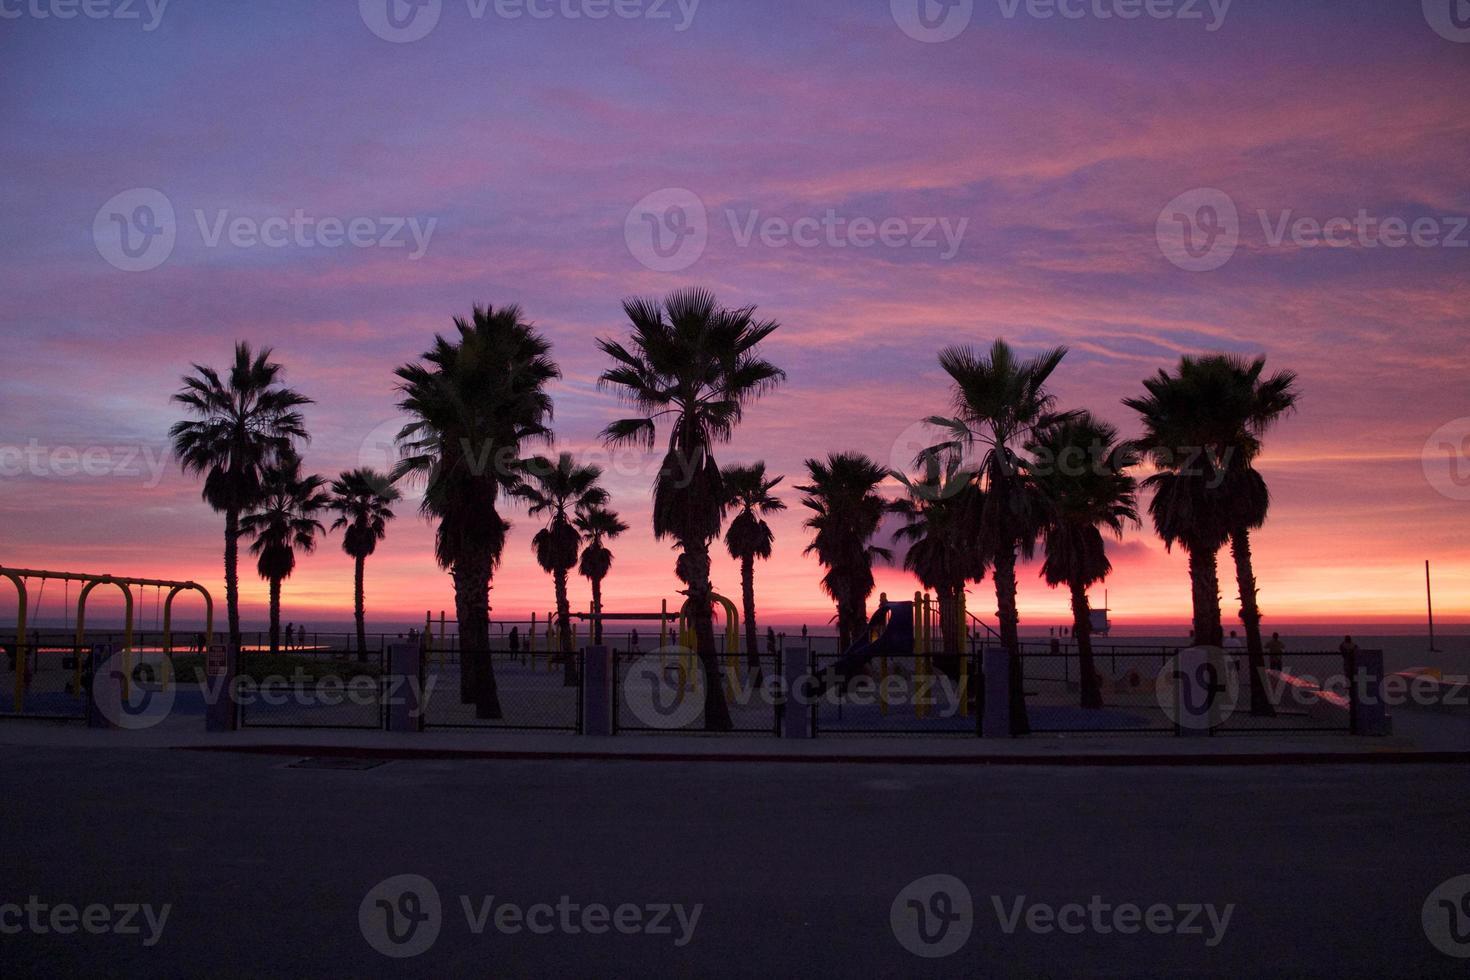 Veneza praia pôr do sol céu durante o solstício de inverno foto